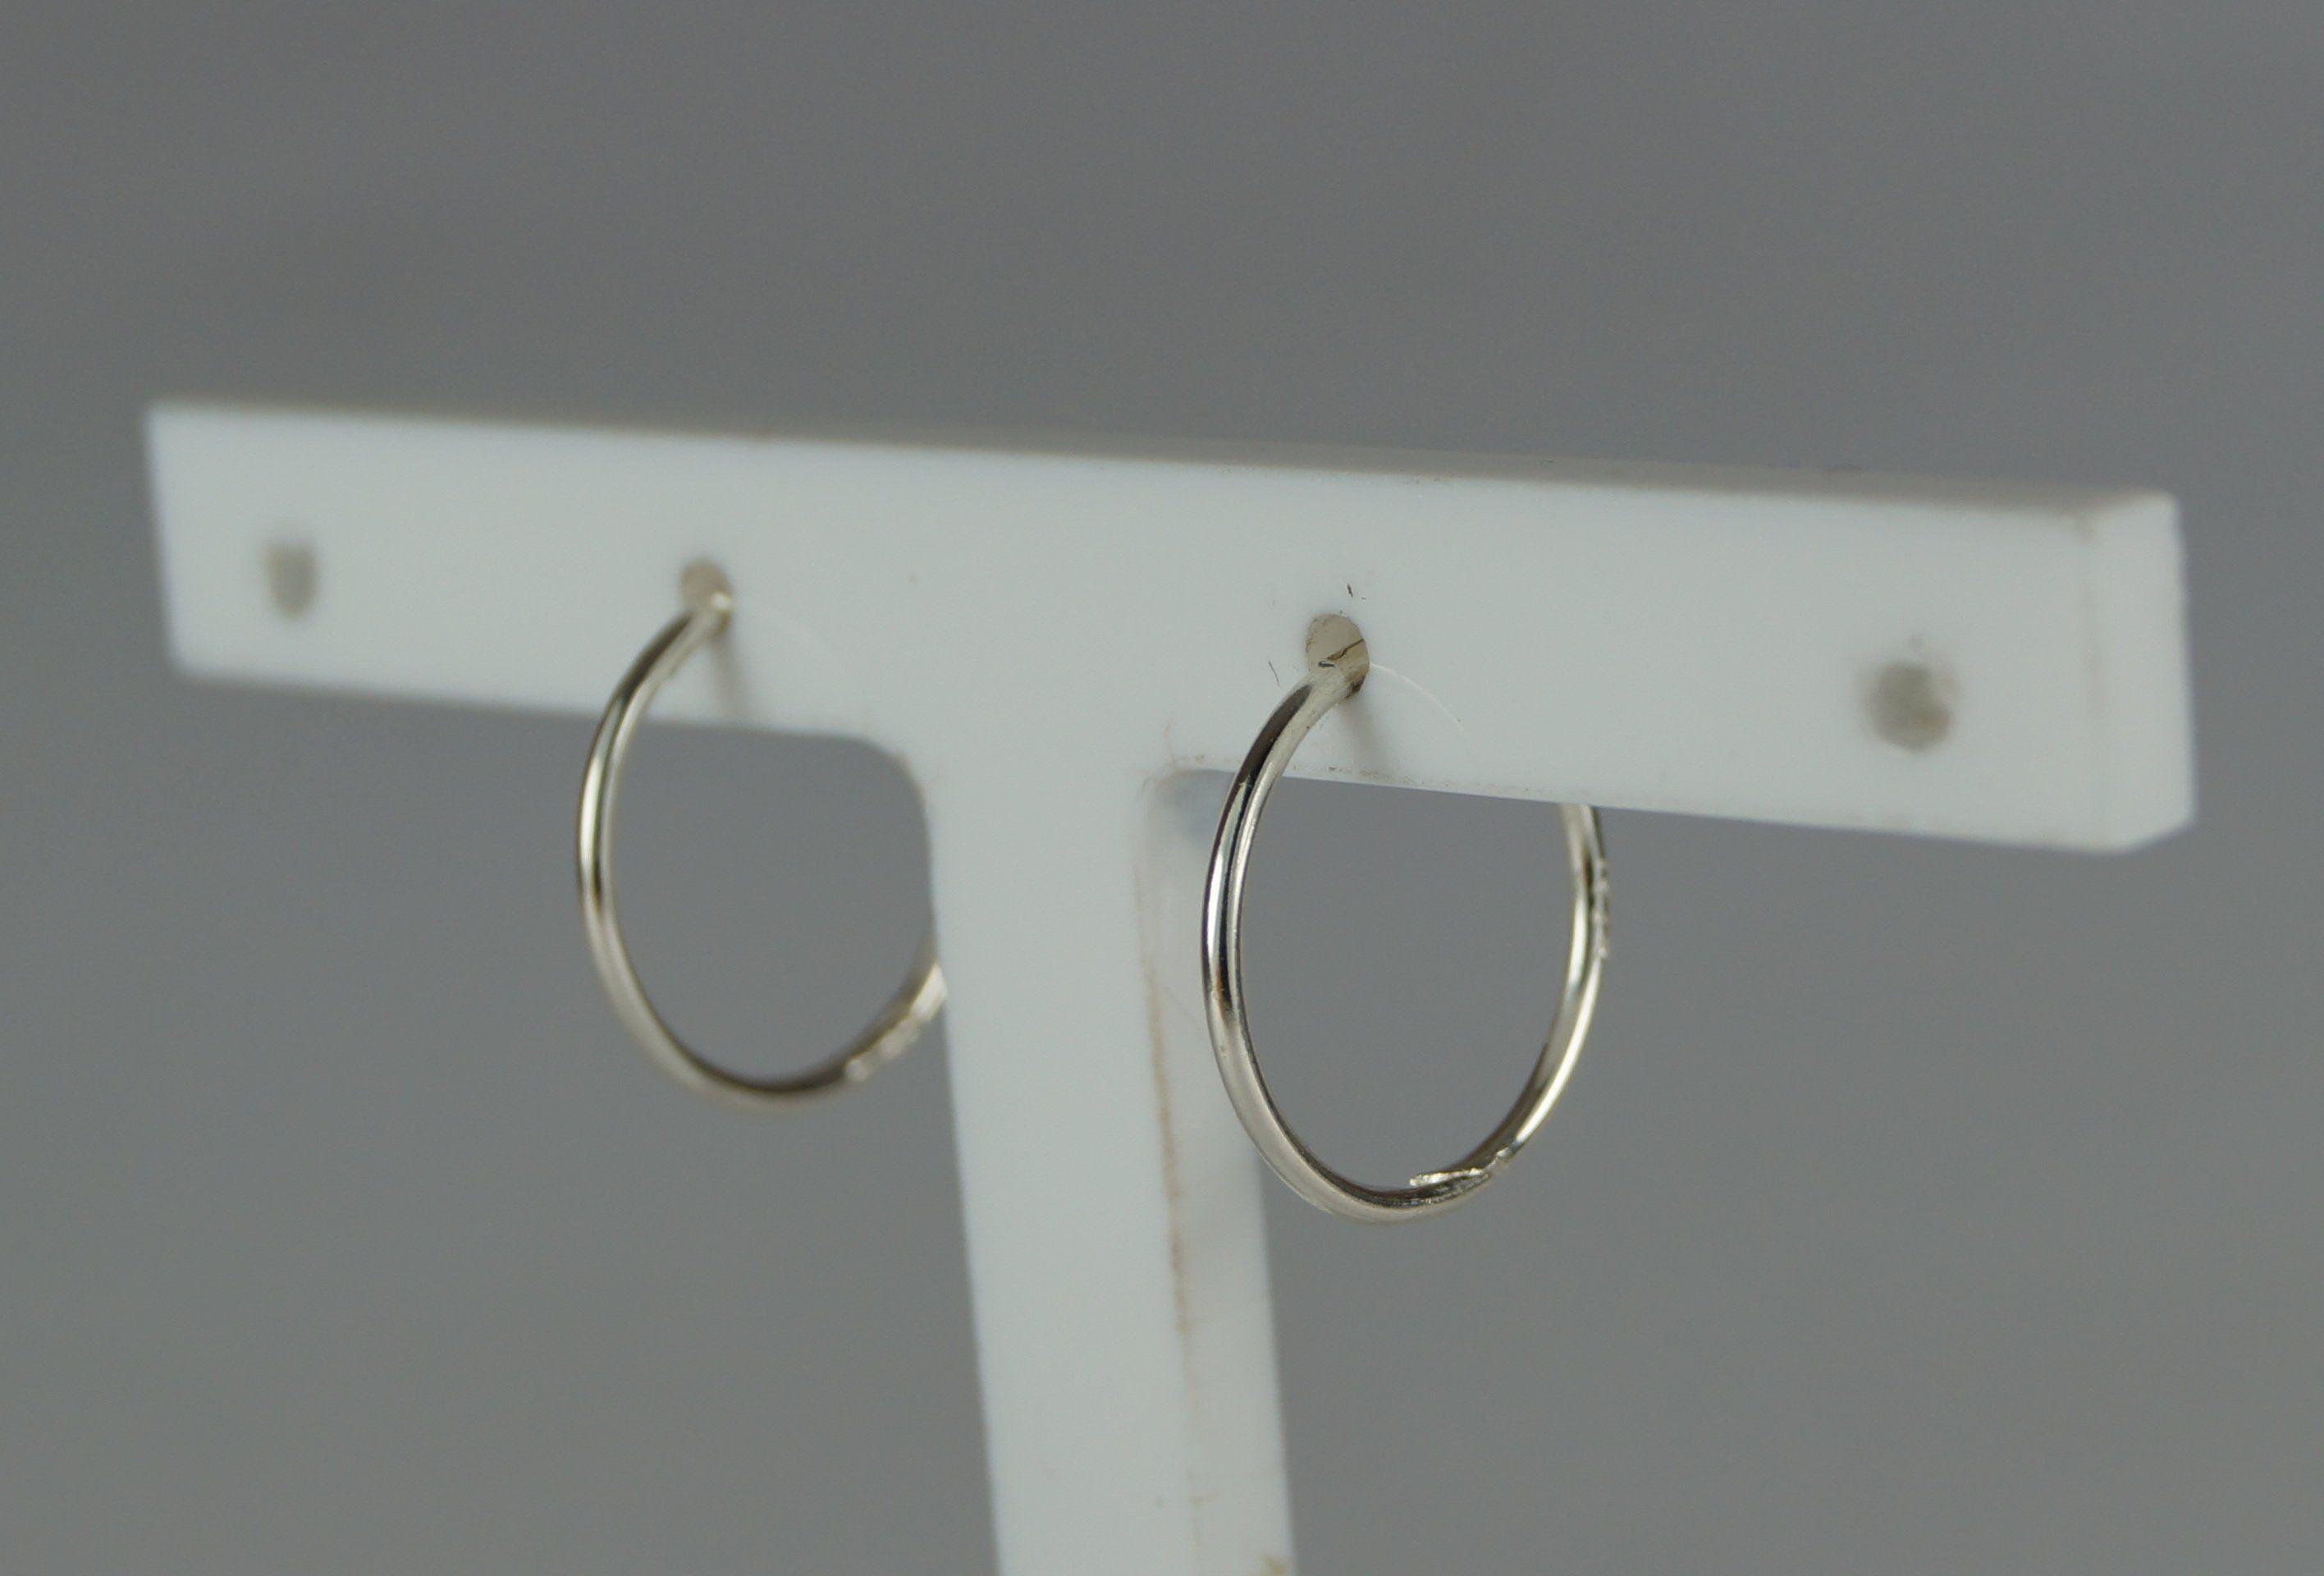 461be5d39 Small 13mm Hinged Hoop/Sleeper Earrings. Sterling Silver 925 earring. Silver  hoop/